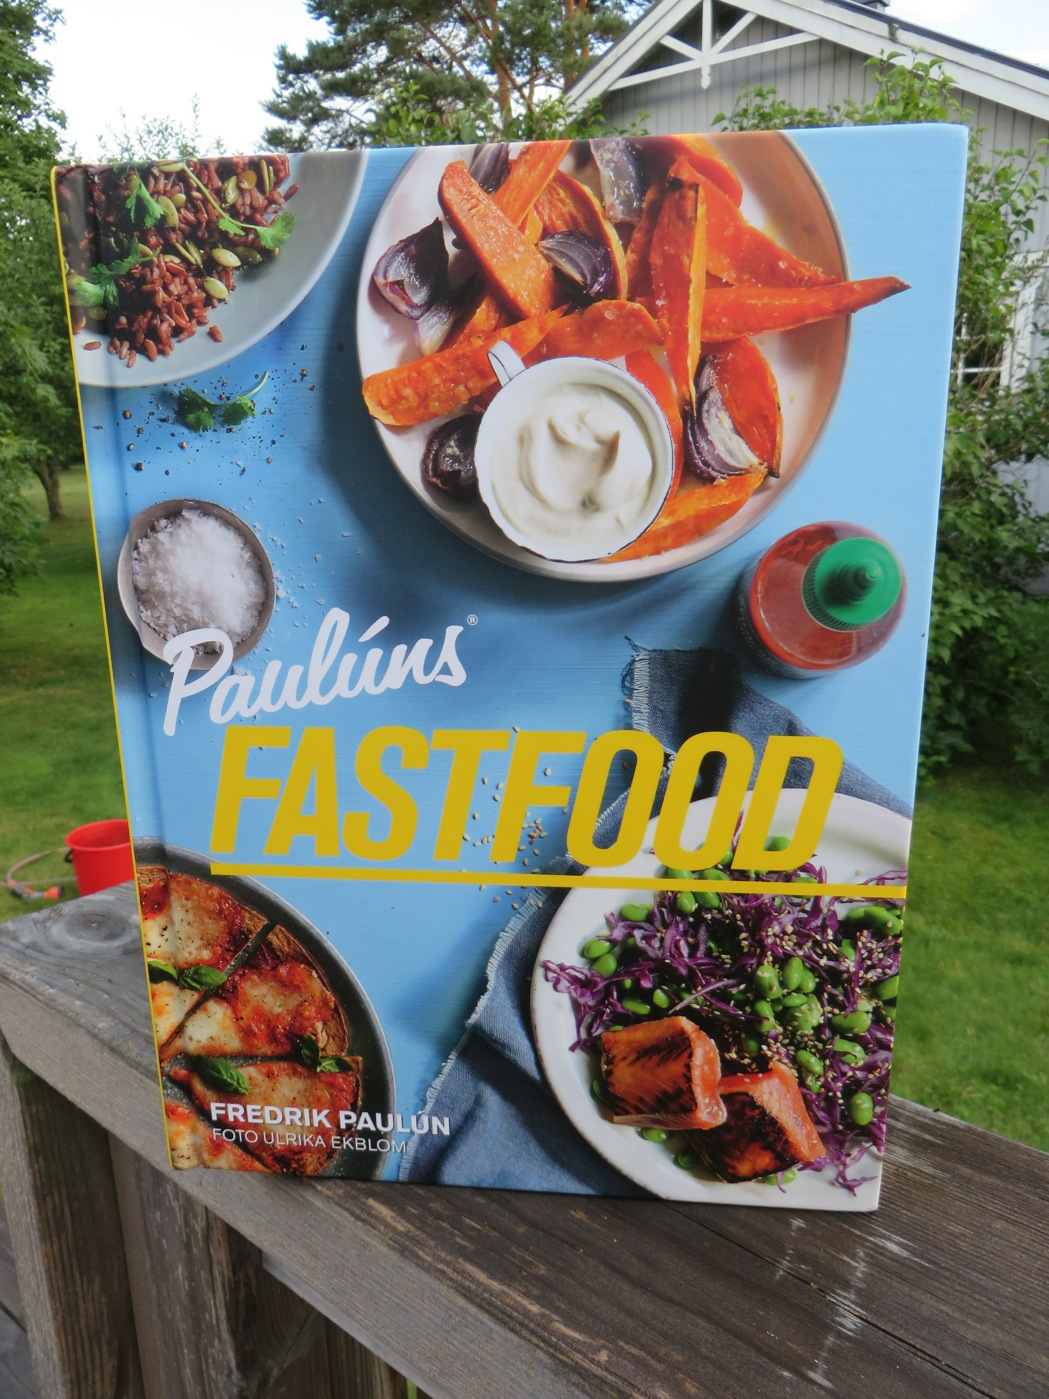 Pauluns fastfood